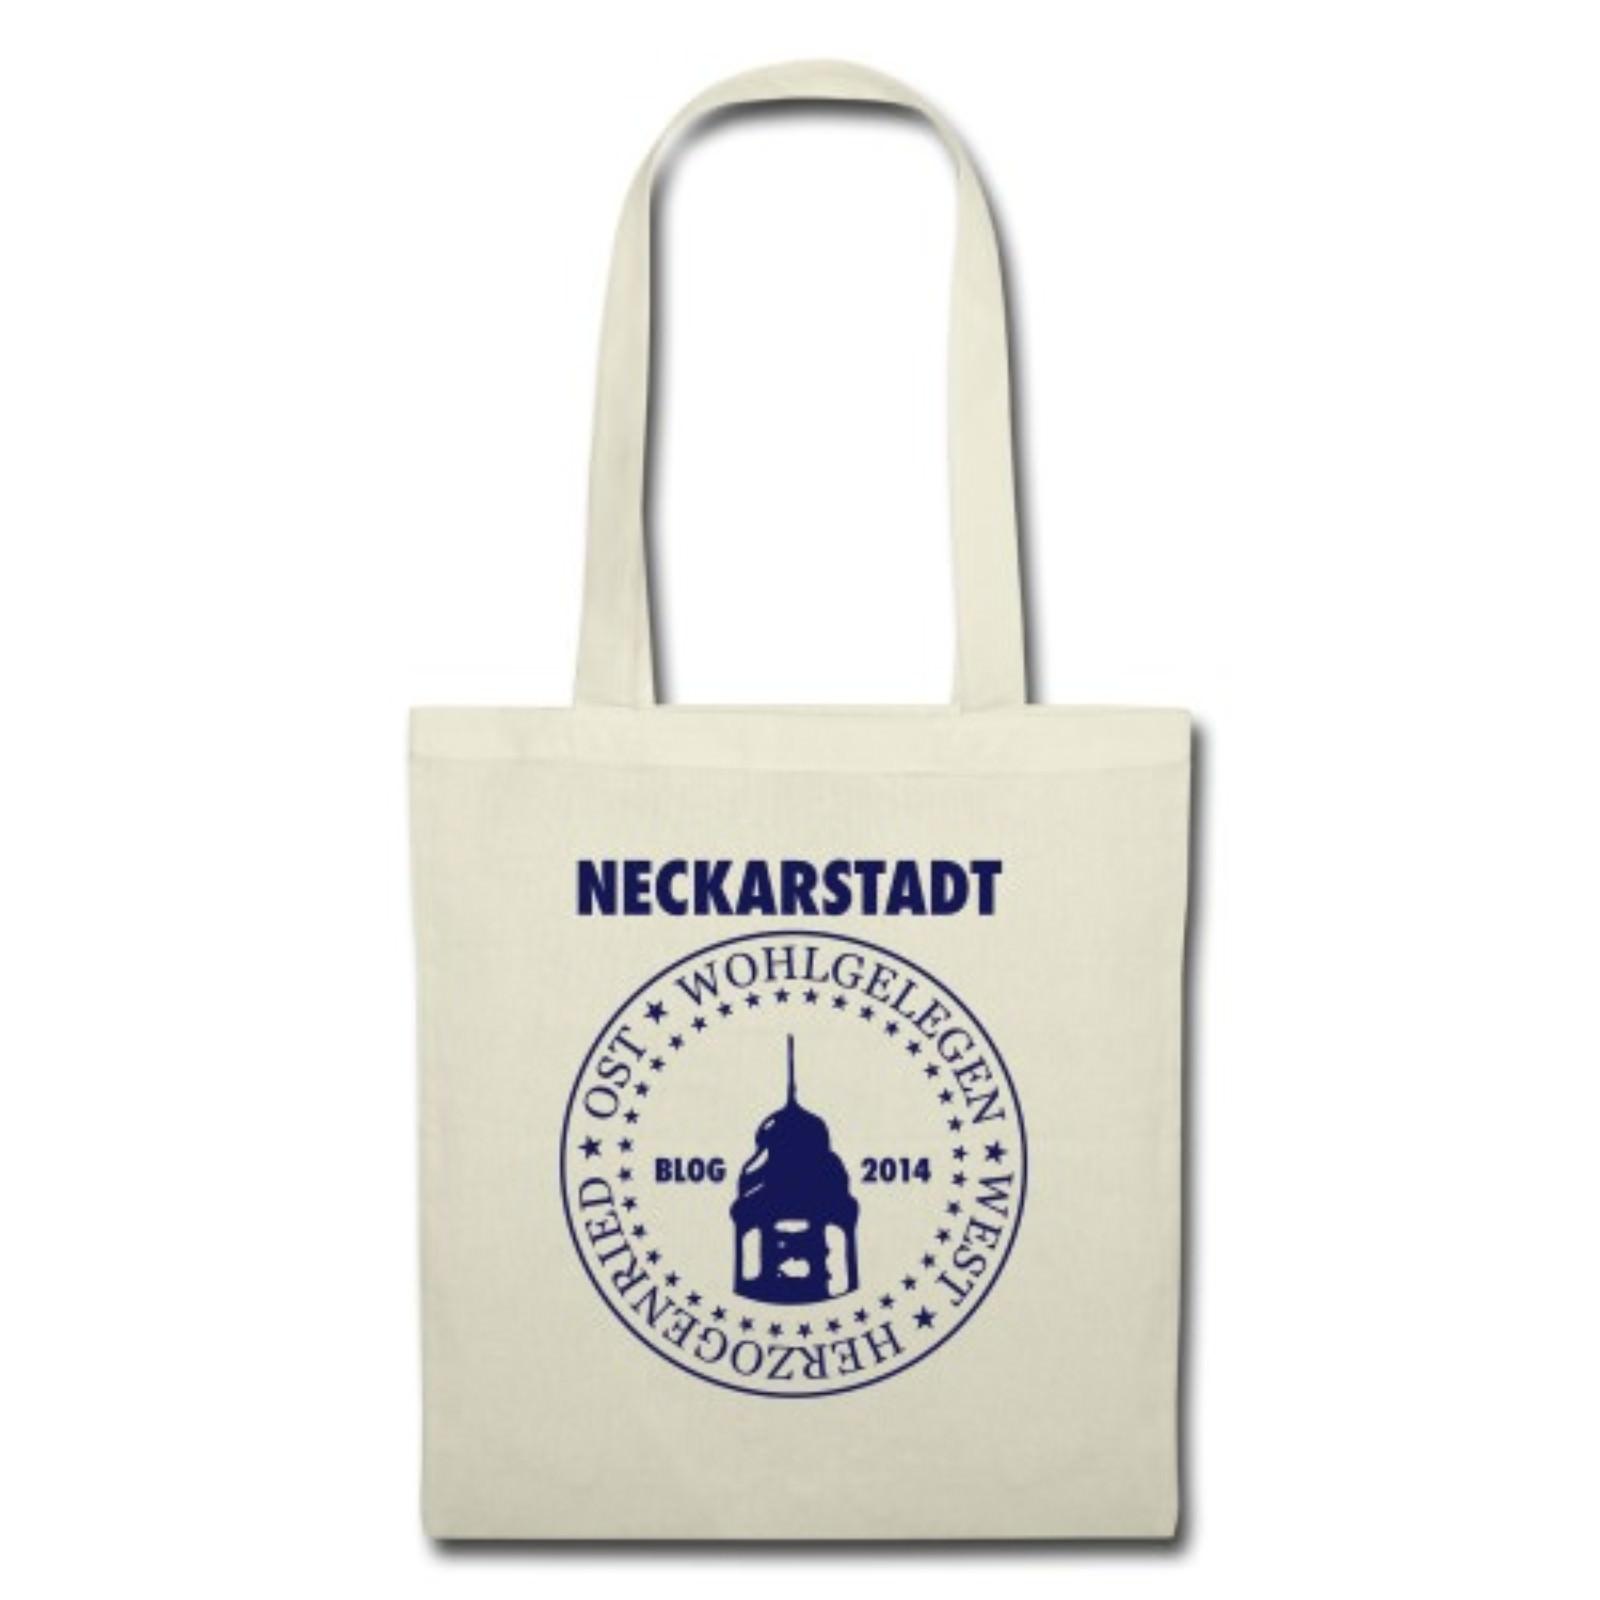 neckarstadt-blog-seit-2014-stoffbeutel